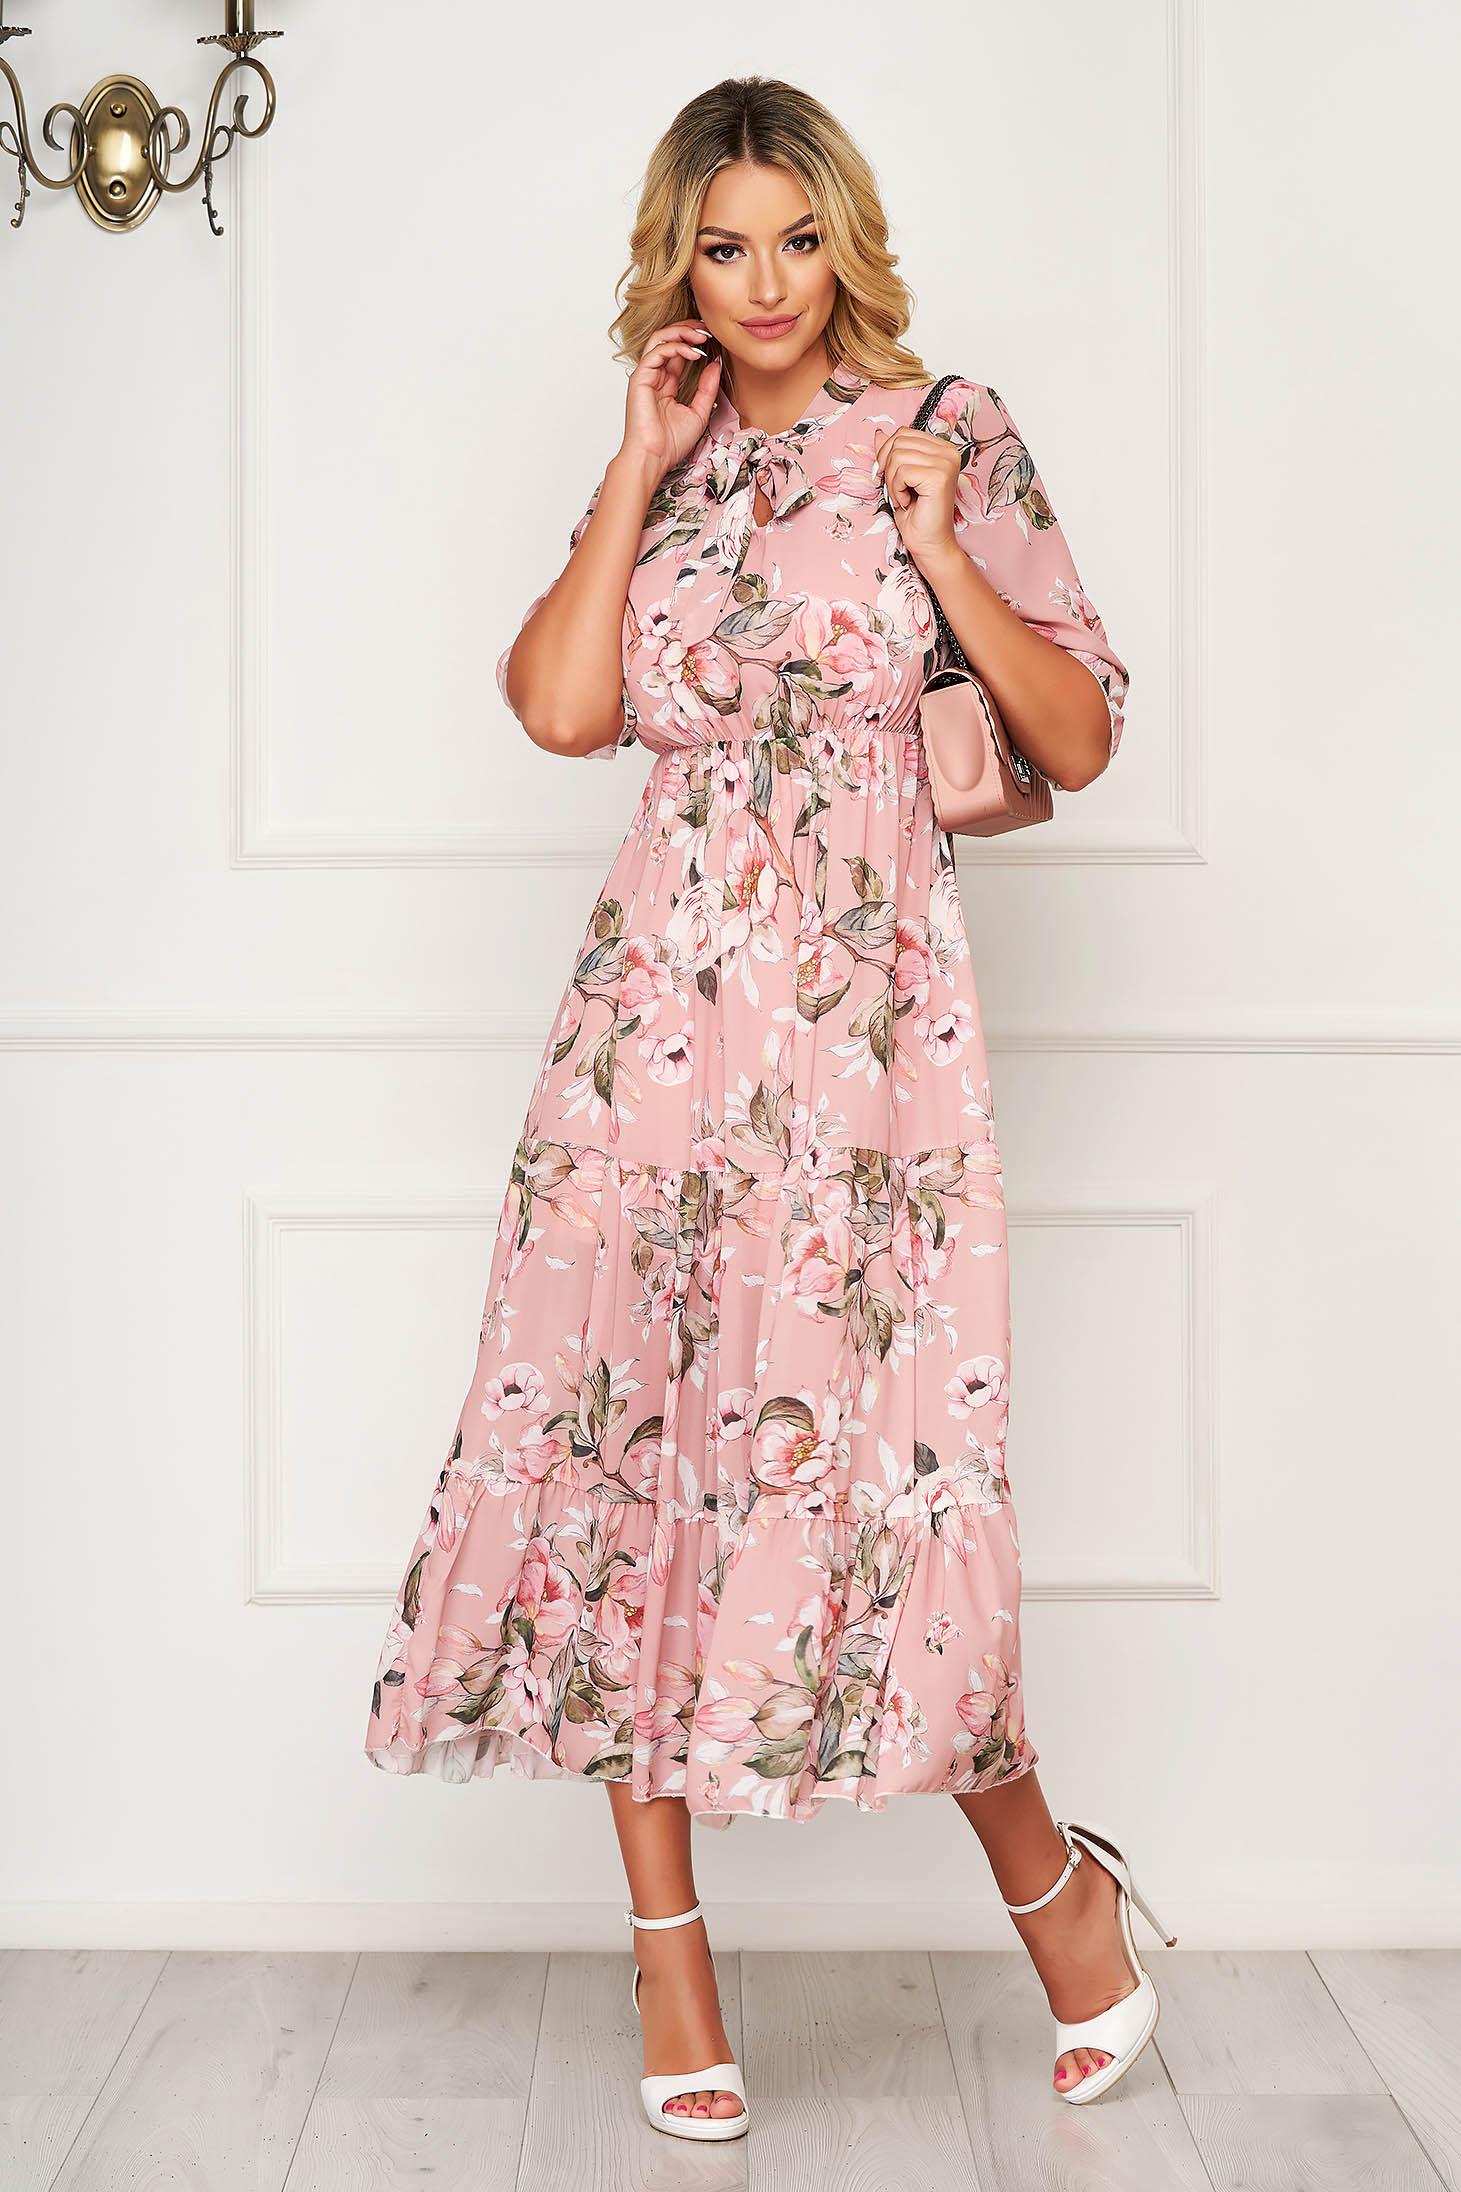 Rochie piersica lunga de zi din material vaporos in clos cu volanase la baza rochiei